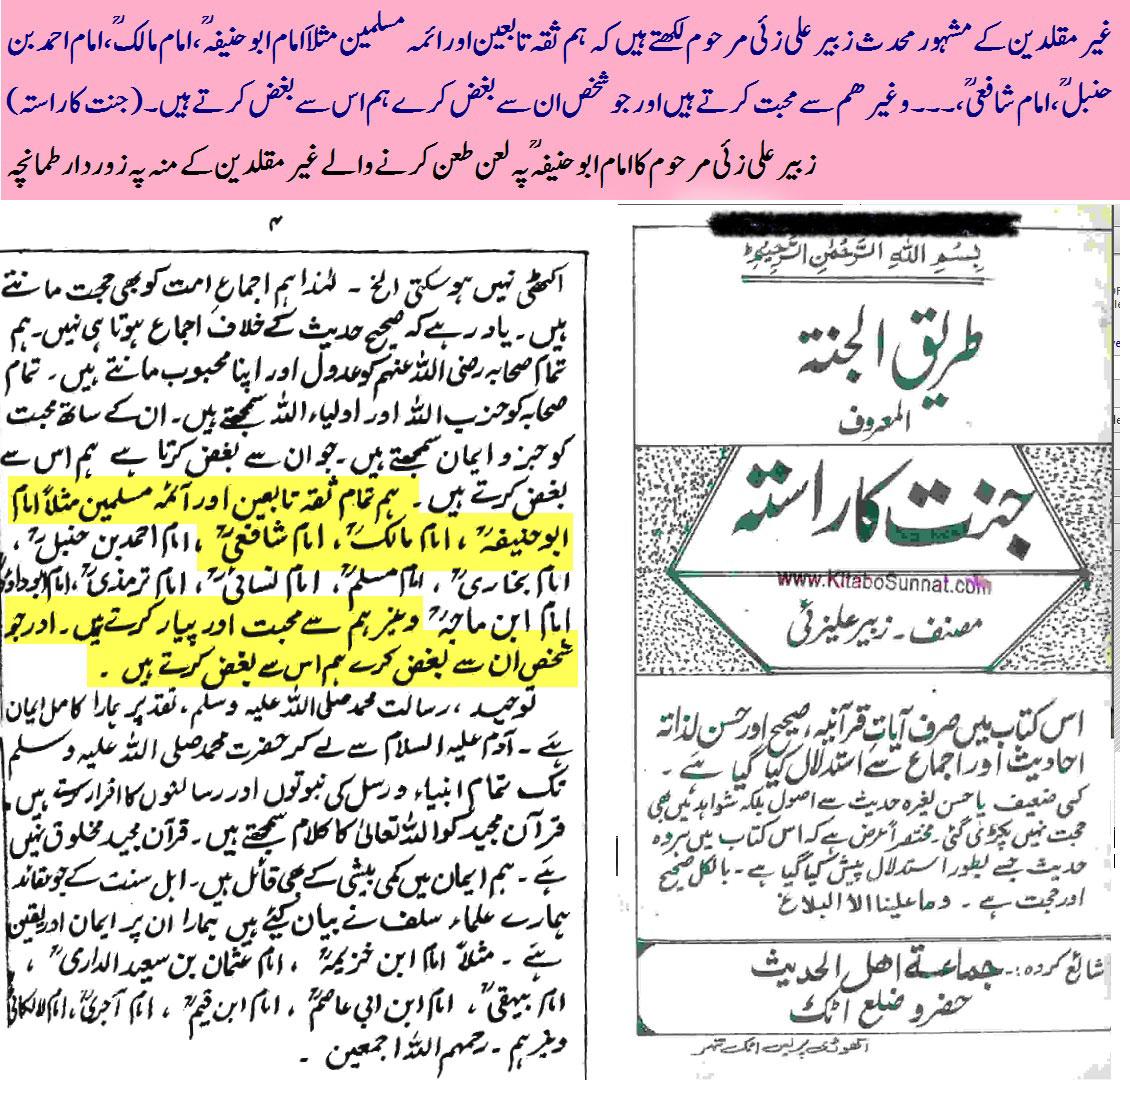 abu-hanifa-zubair-zai-laan-taan.jpg.06d8cd6005ef325a661e1bcf208ff271.jpg